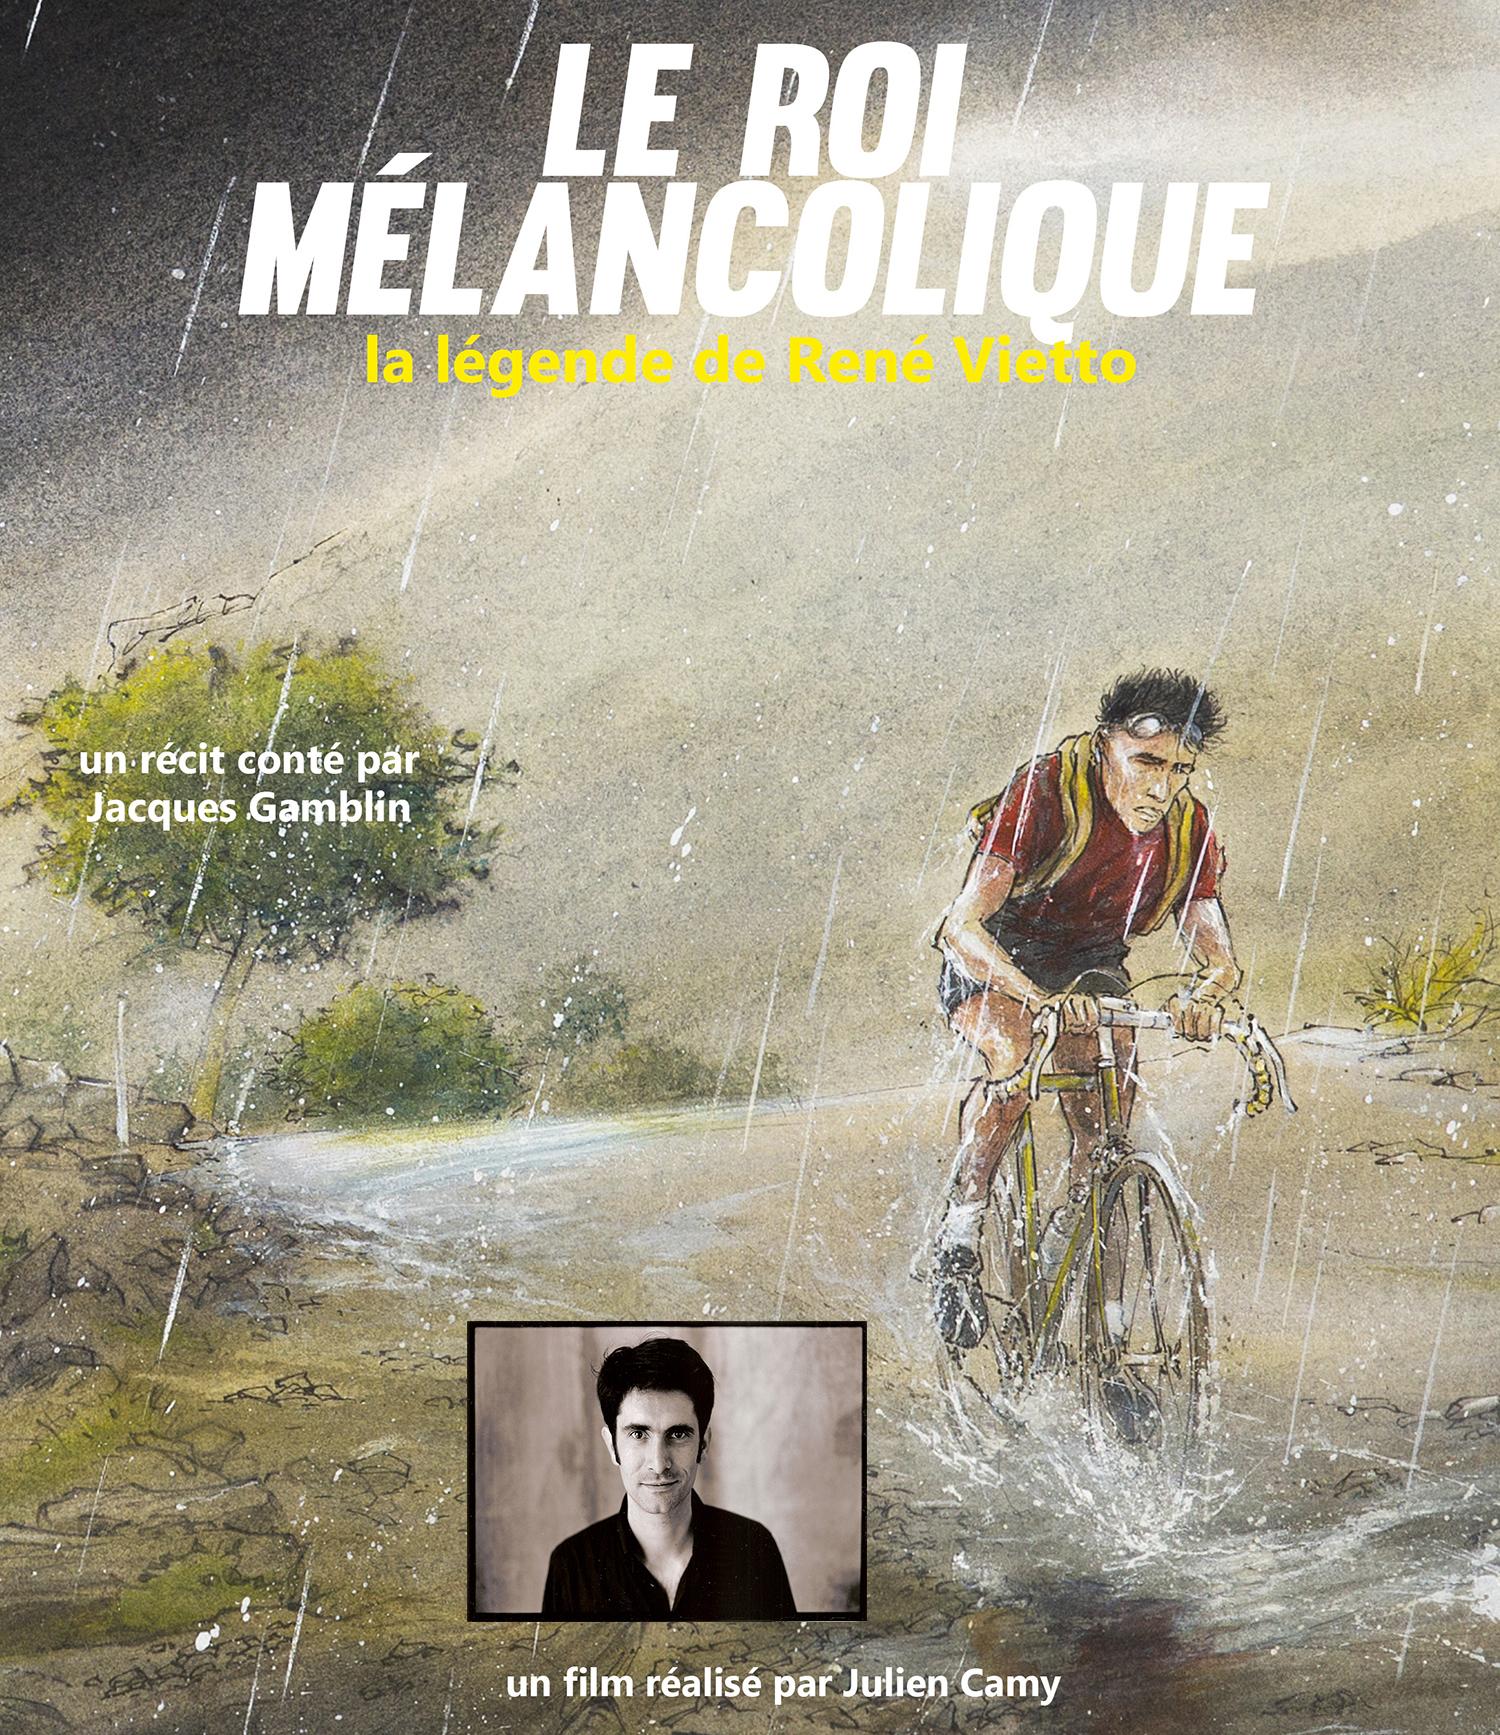 Le roi mélancolique, la légende de René Vietto à Digne les bains